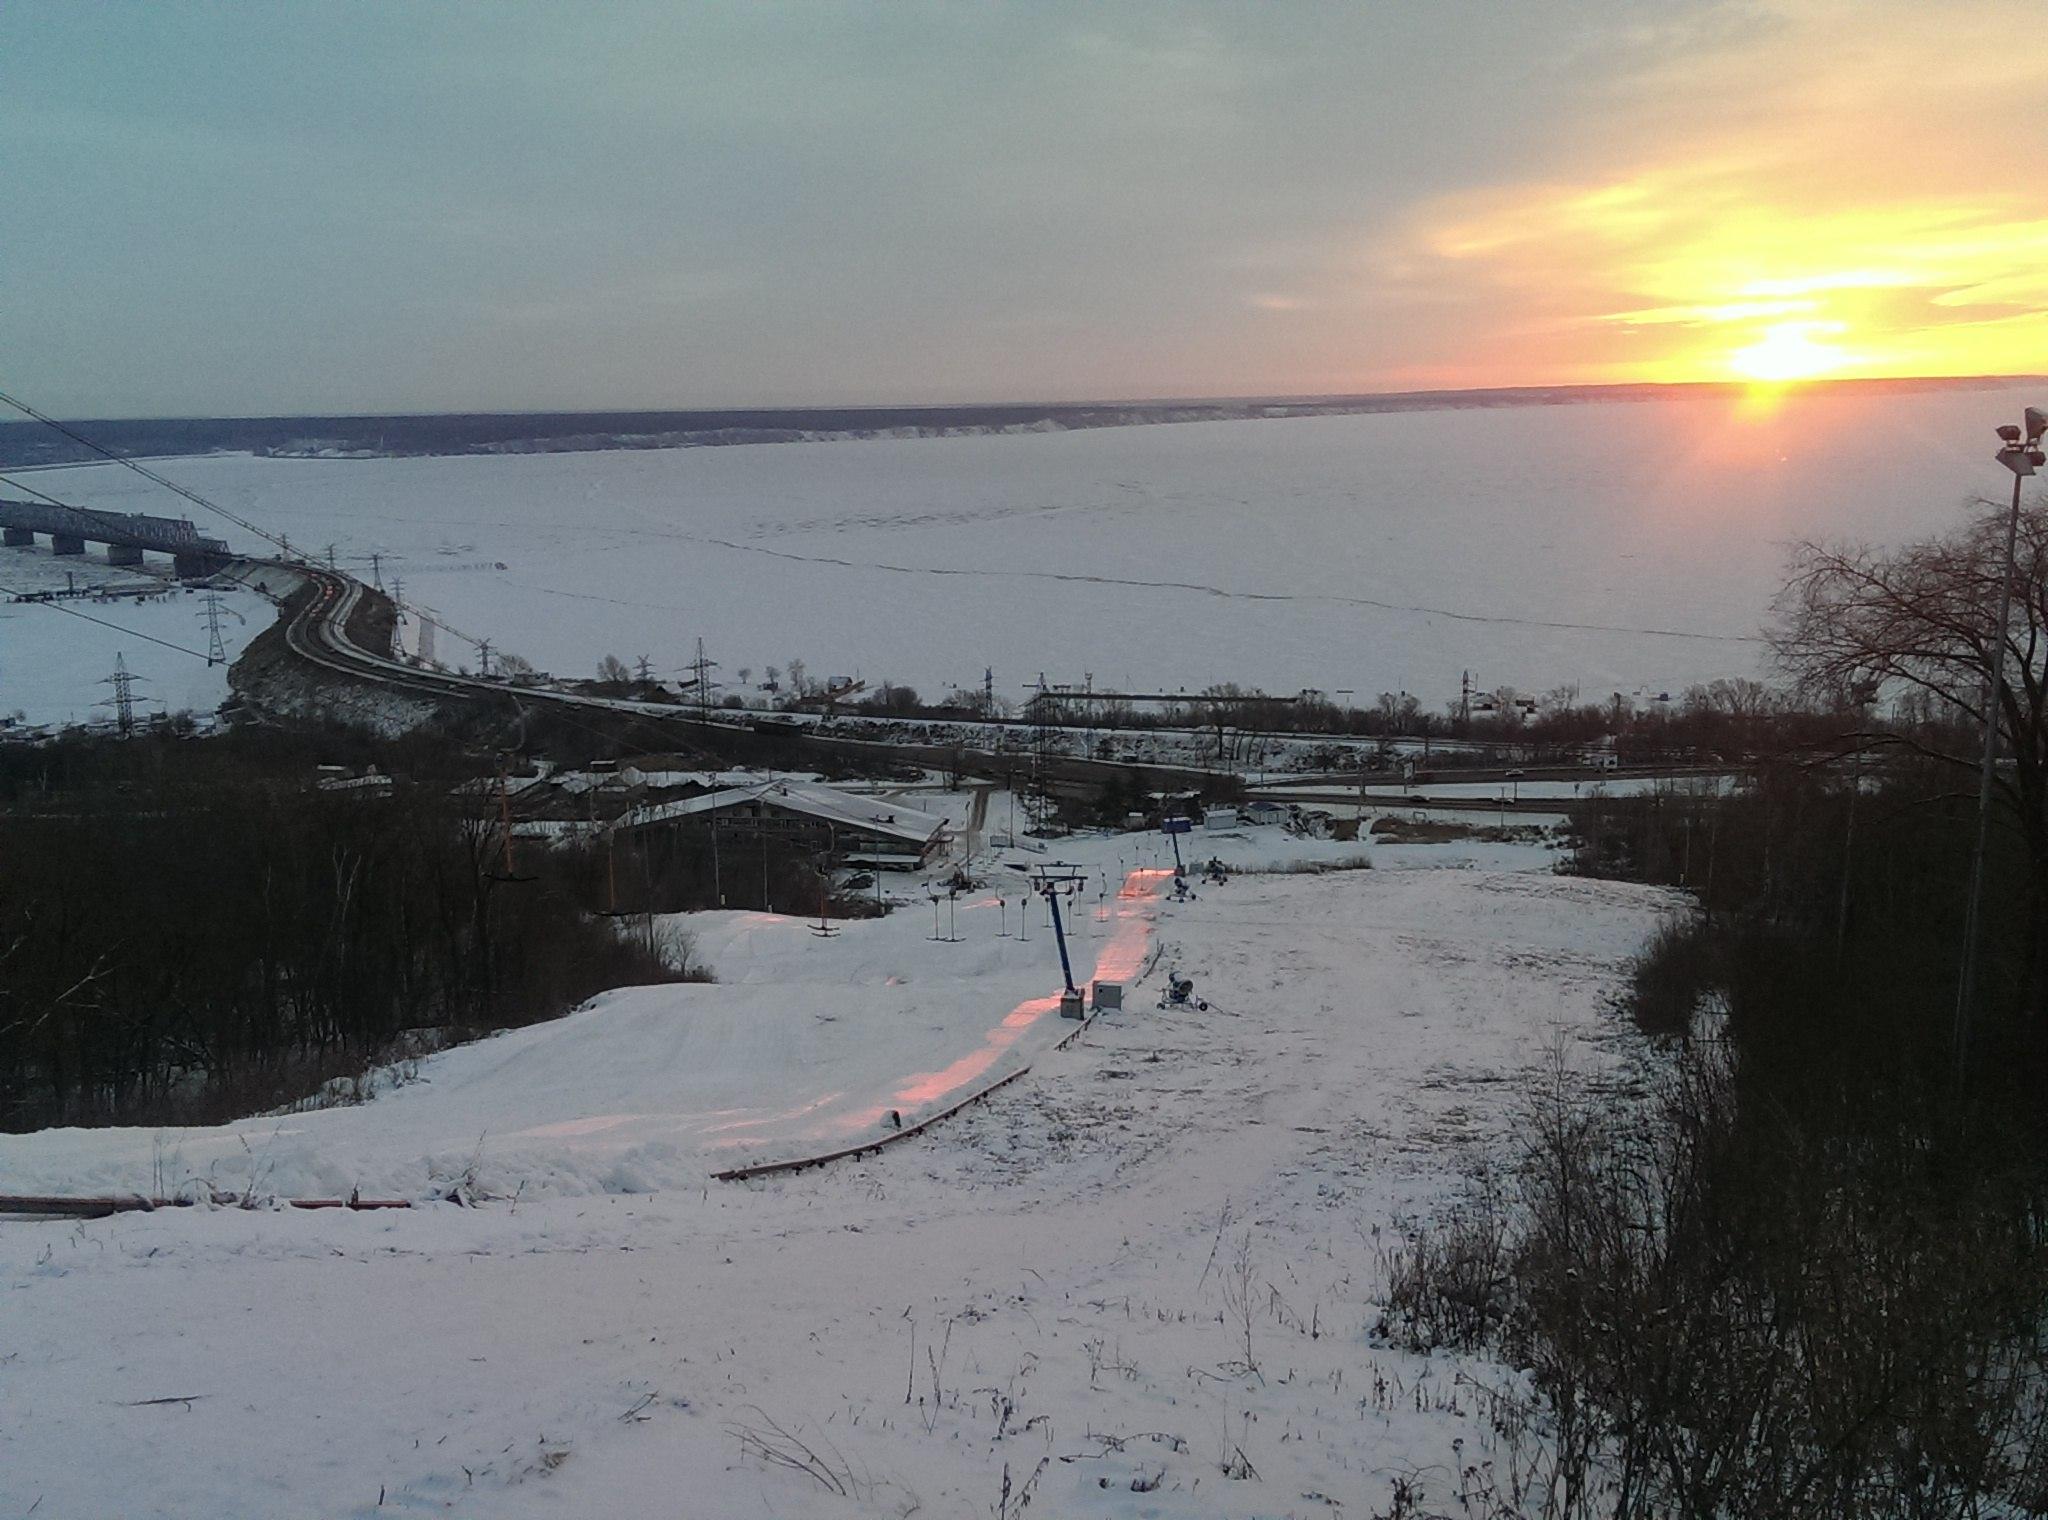 b Топ 8  b  мест  где nbsp можно покататься   на nbsp лыжах и nbsp сноуборде    lengorki